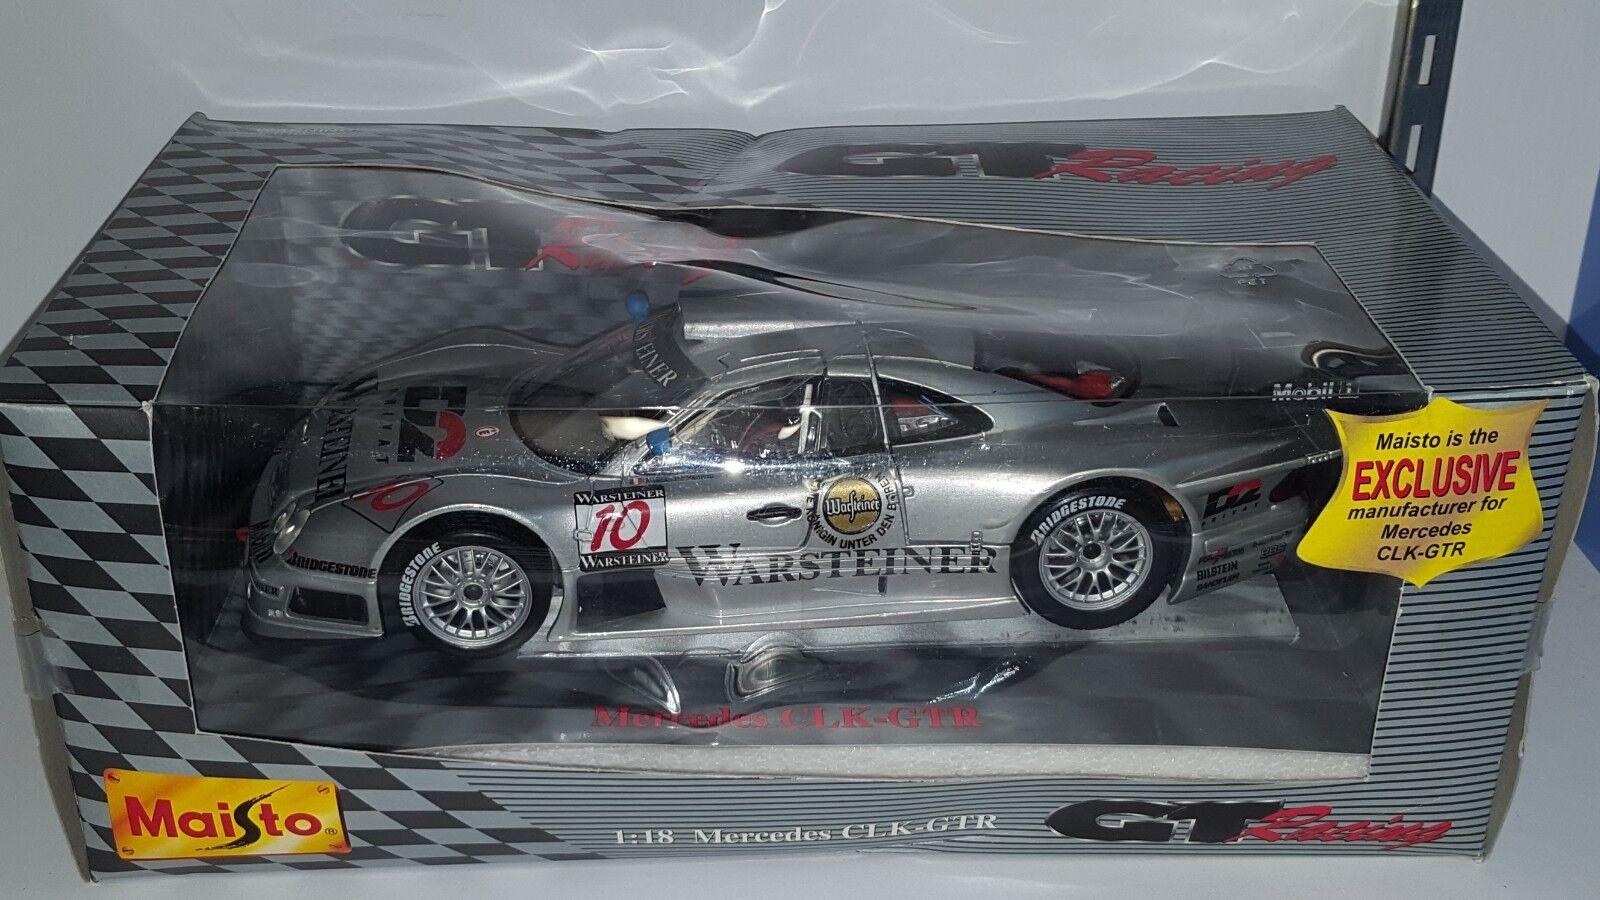 1 1 1 18 Maisto Gt Racing Mercedes-Benz CLK-GTR Plata  10 con calcomanía 4b080b